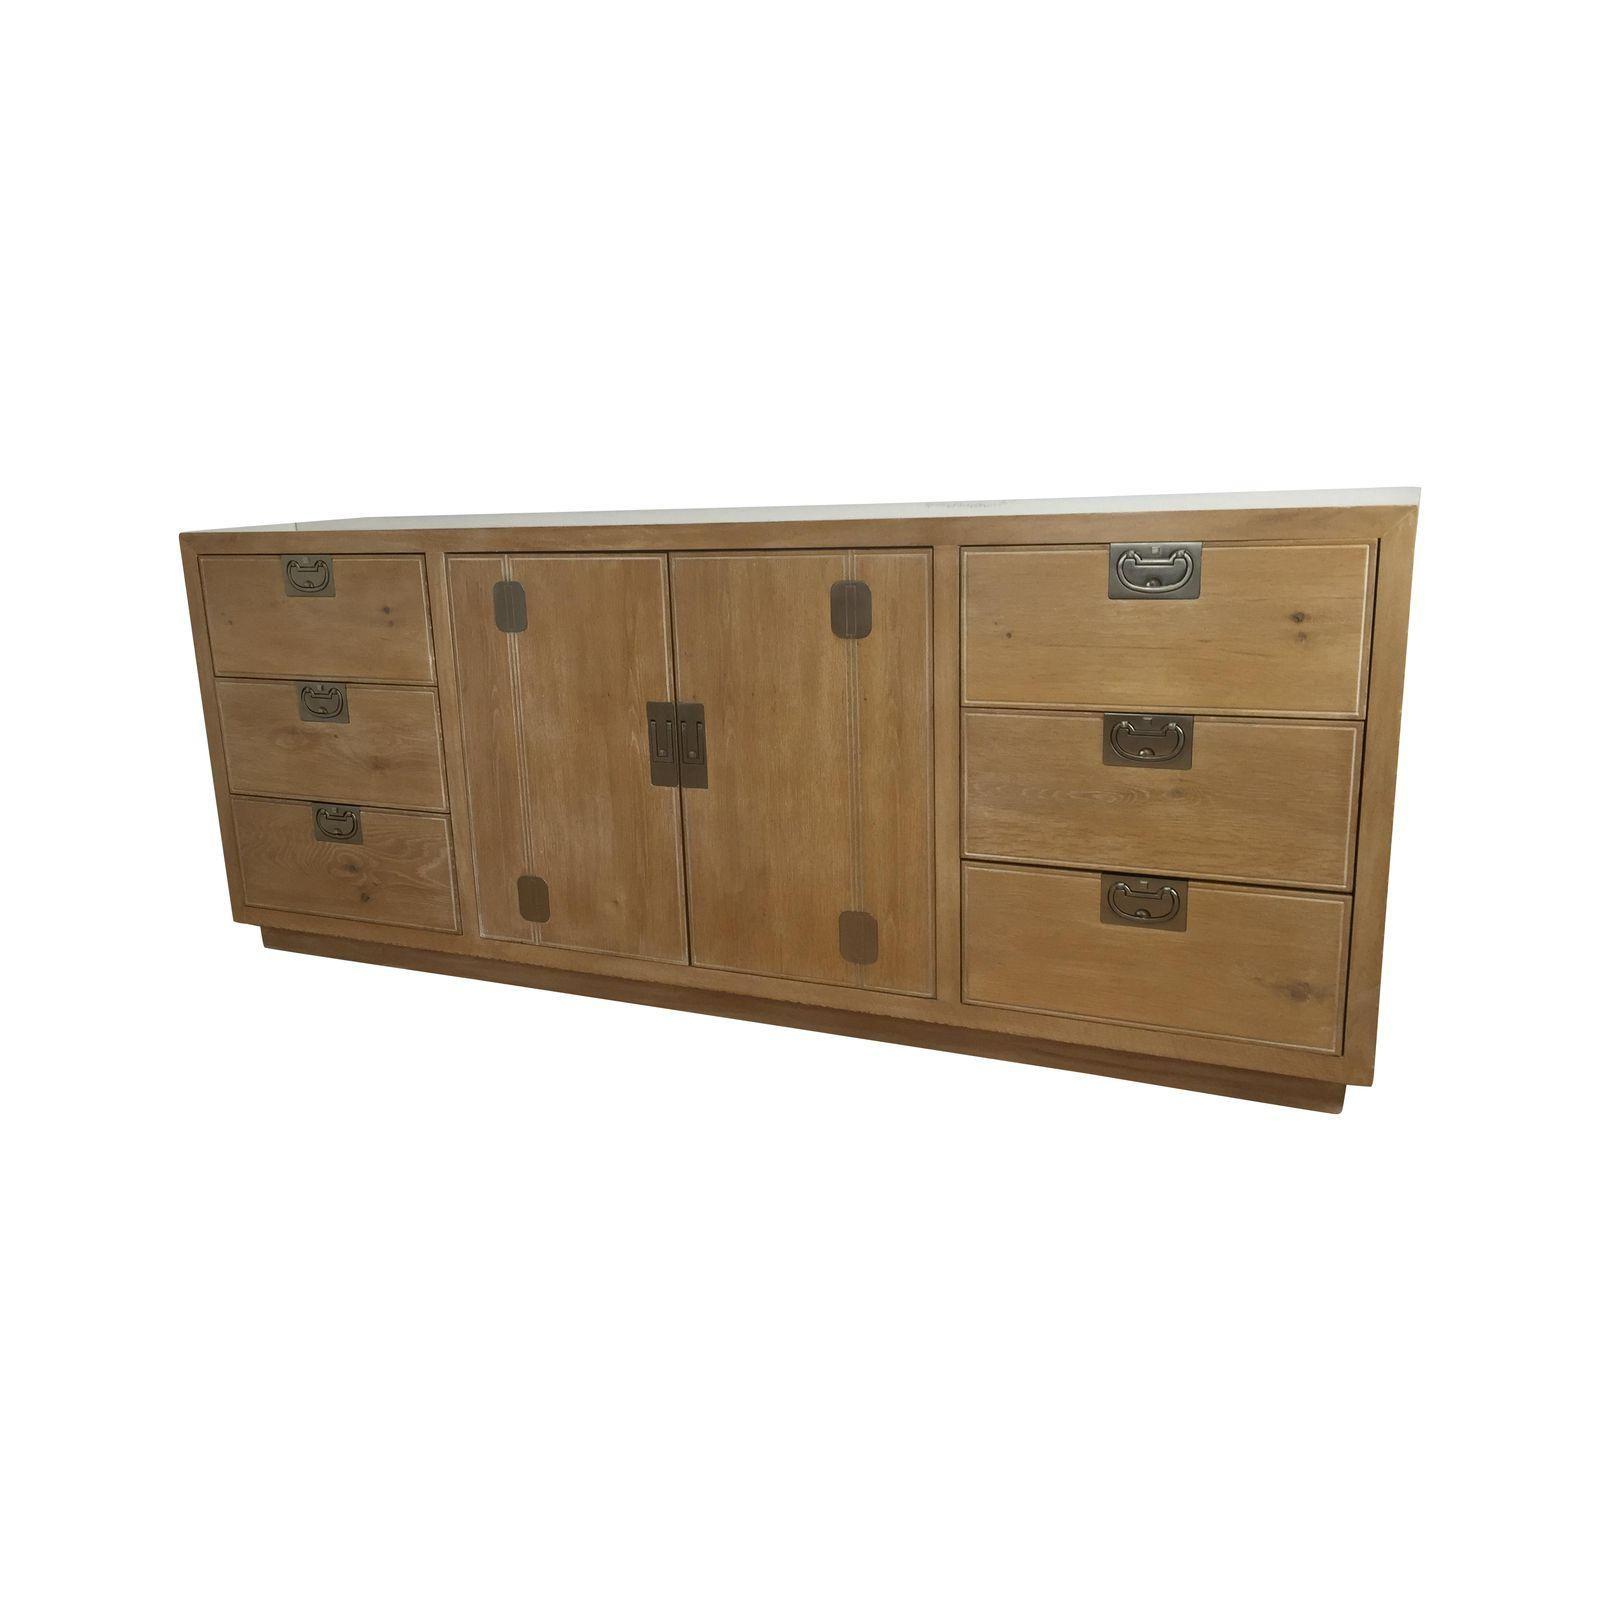 Washed Oak Henredon Dresser | Dresser, Cabinet furniture ...